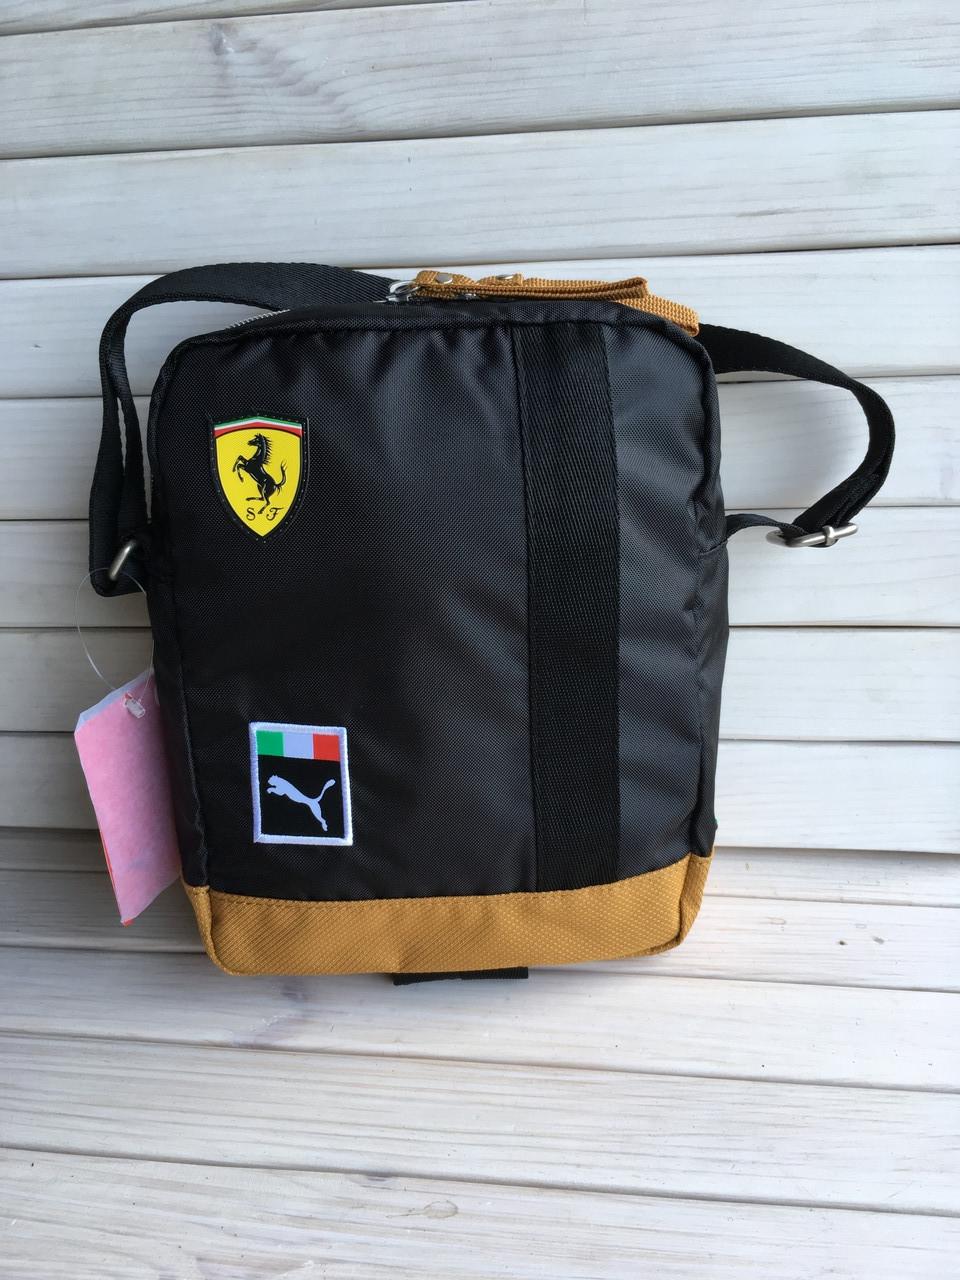 e8290252c643 Сумка puma Ferrari оригинал. Сумка мессенджер. , цена 1 000 грн., купить в  Мелитополе — Prom.ua (ID#948176189)